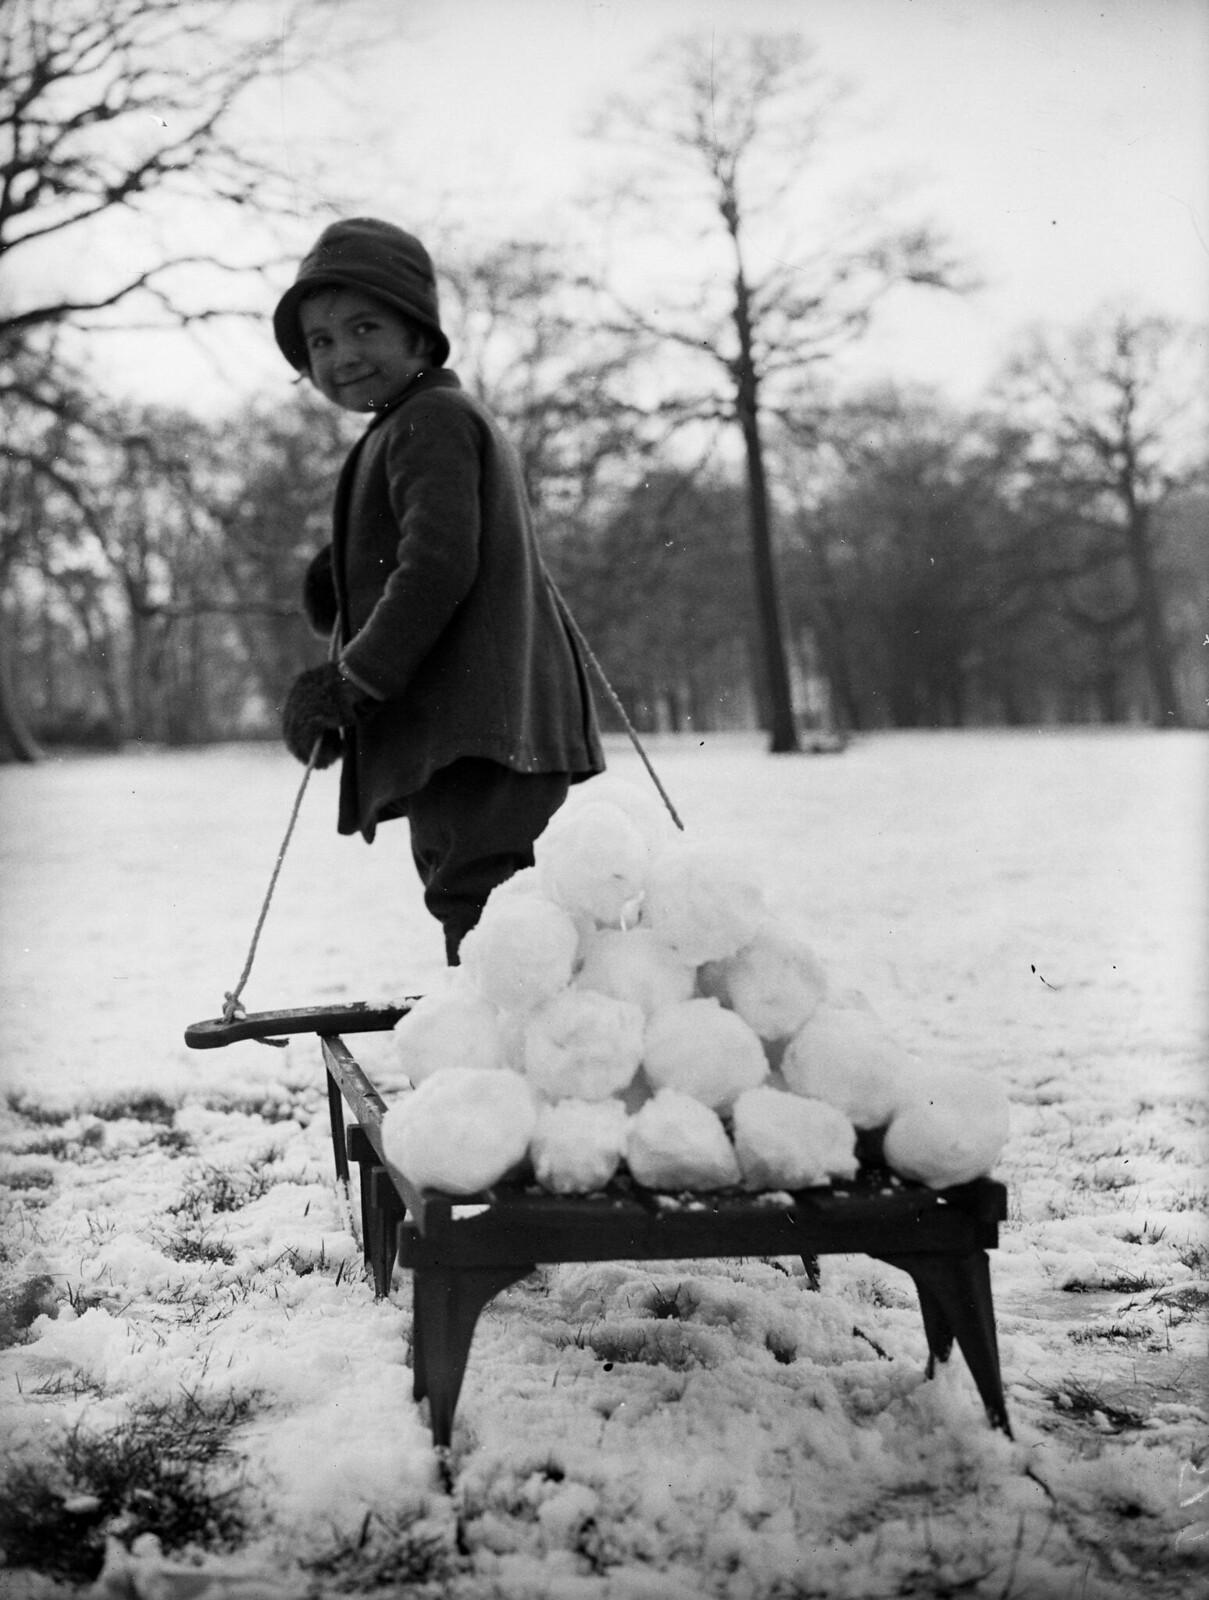 1931. Одним снежным утром маленькая Гвен Беарн тащит свои сани, нагруженные снежками, по лондонскому Хэмпстед-Хиту. 29 декабря